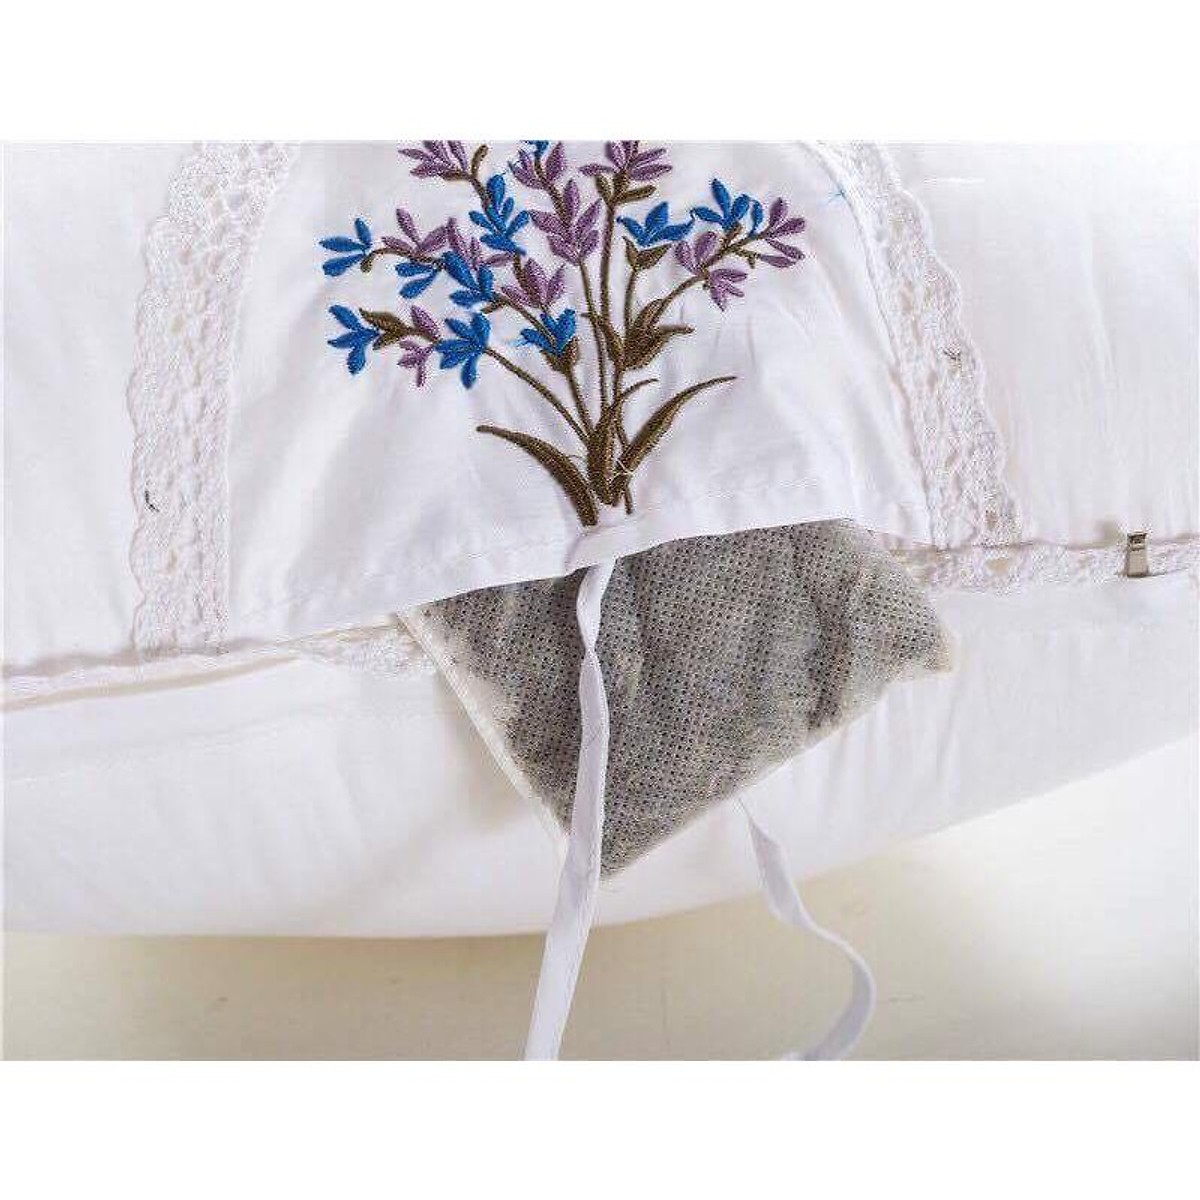 Đôi ruột gối thơm hương Lavender